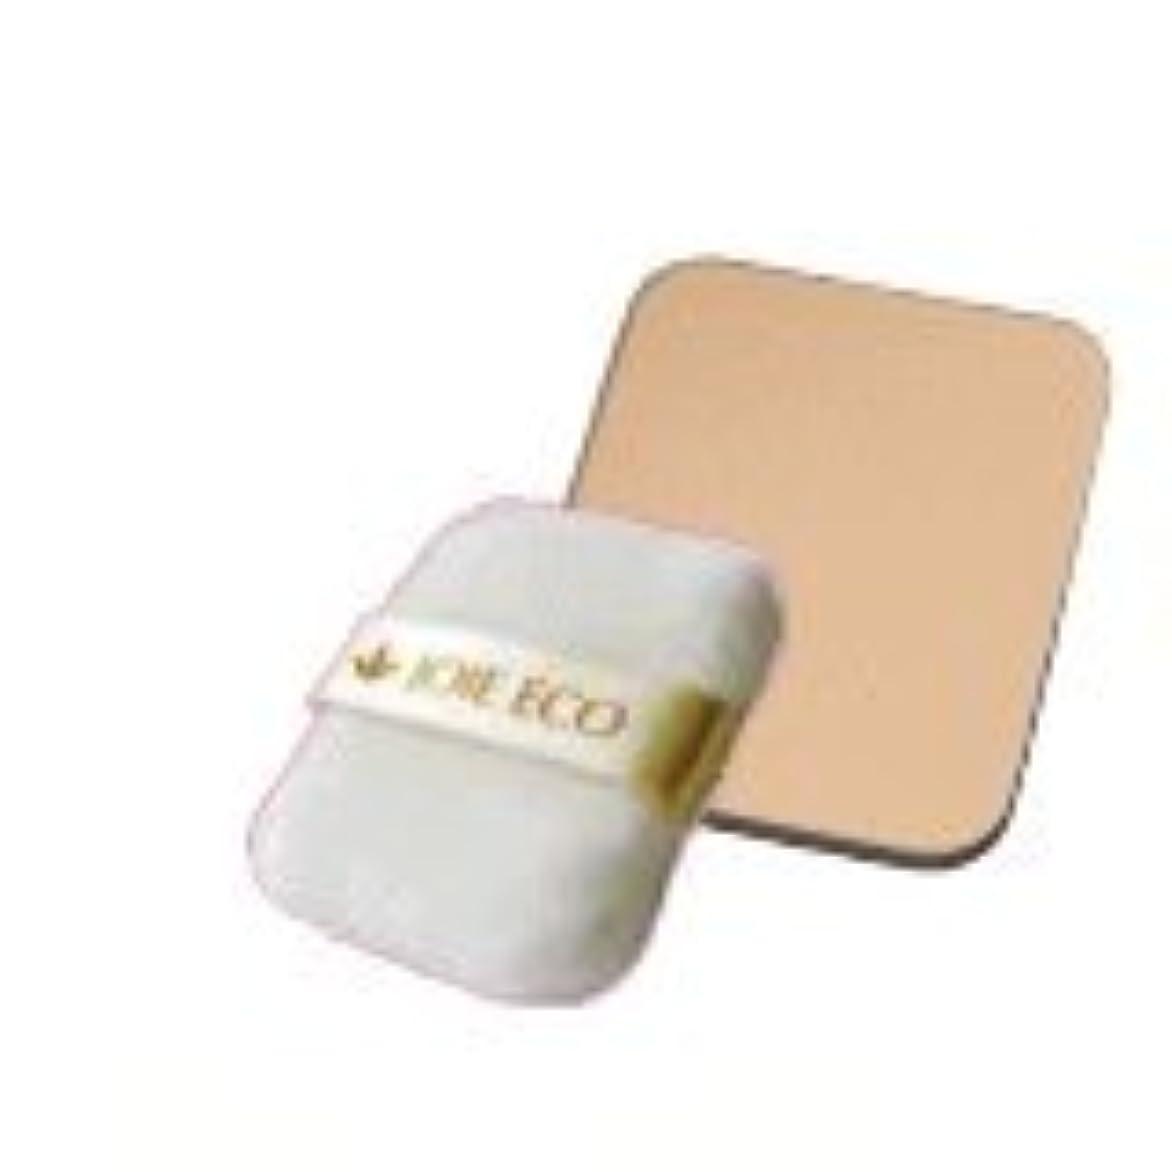 アトラス定数ルーフビーバンジョア ジョアエコ411Y UV光リフレクトパウダー リフィル/パフ付き 11g(ふわパフ付き)